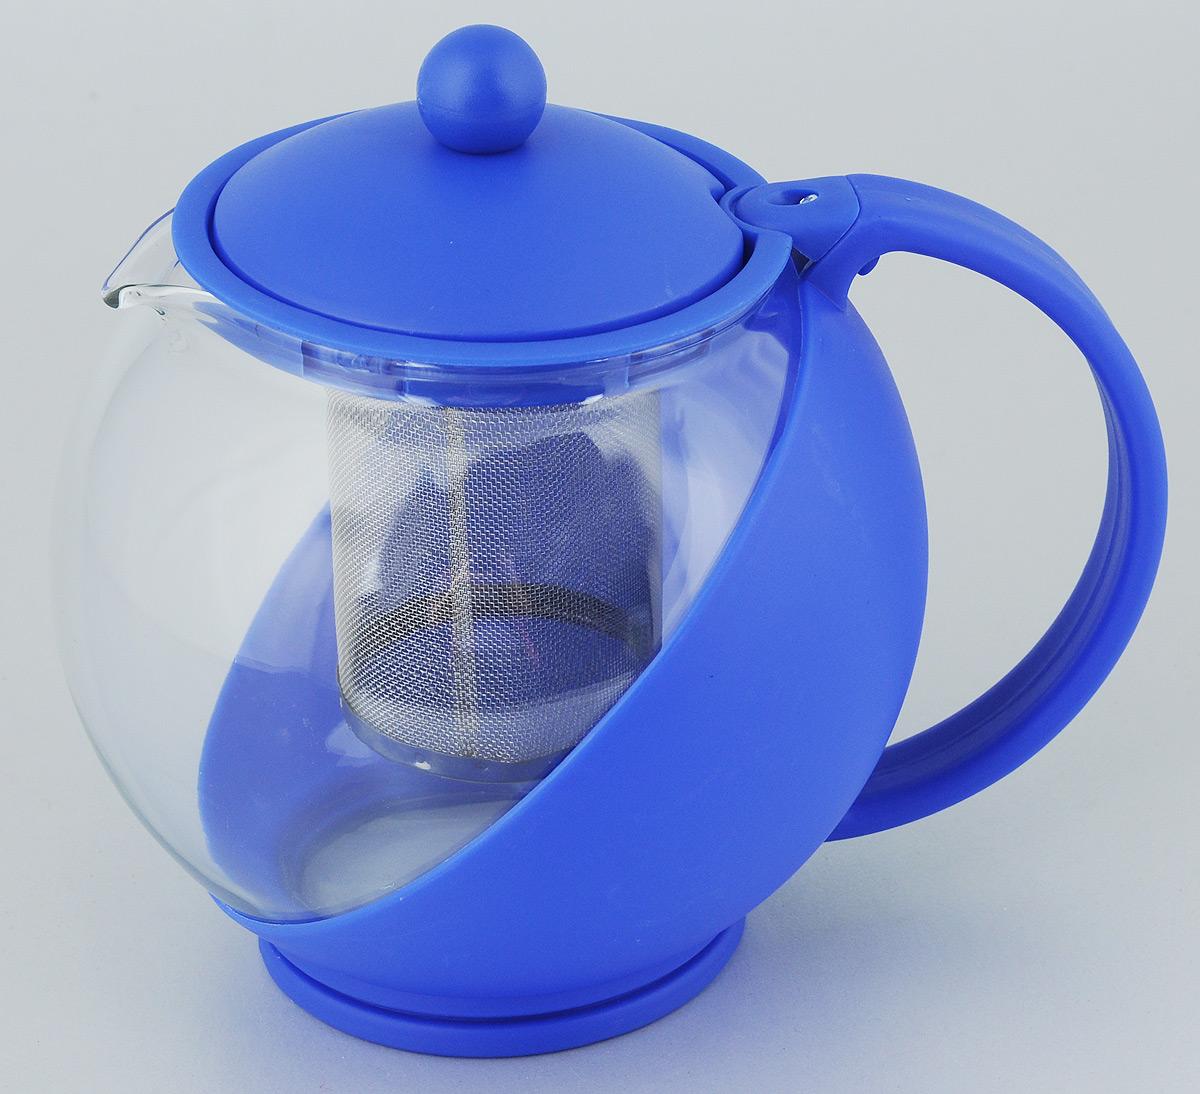 Чайник заварочный Bekker Koch, с фильтром, цвет: синий, 1,25 лBK-301_синийЗаварочный чайник Bekker Koch изготовлен извысококачественного пластика и жаропрочногостекла. Он имеет металлический фильтр.Чайник оснащенудобной пластиковой ручкой.В нем вы можете приготовить вкусный и ароматный чай.Заварочный чайник Bekker Koch займетдостойное место на вашей кухне.Объем: 1,25 л.Высота чайника (без учета крышки): 14 см.Диаметр (по верхнему краю): 9,5 см.